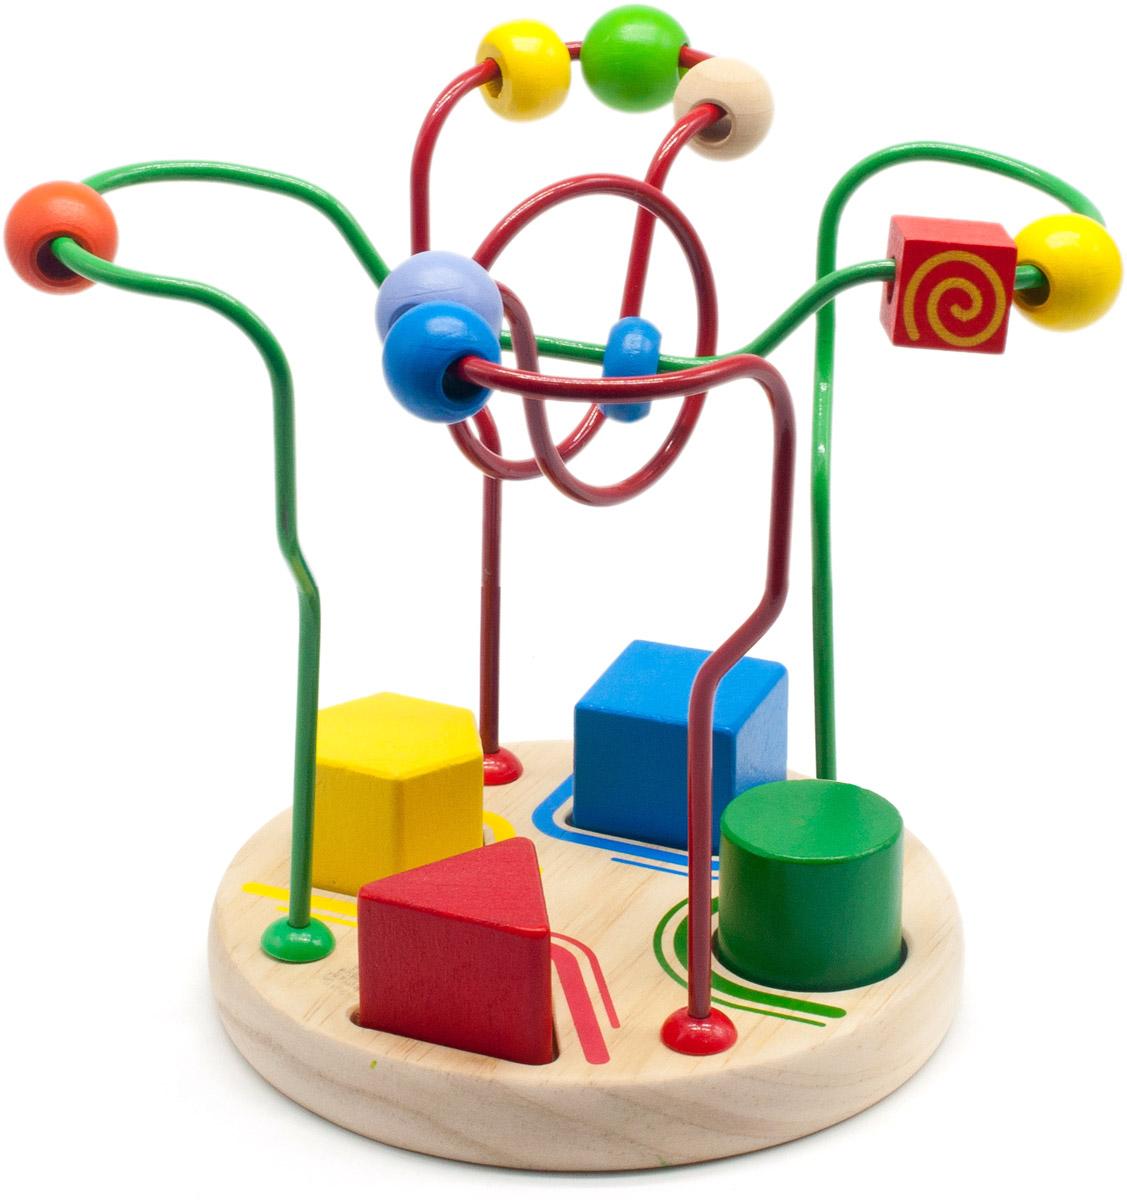 Мир деревянных игрушек Сортировщик-лабиринтД378Сортировщик-лабиринт от компании Мир деревянных игрушек представляет собой комбинацию из нескольких разноцветных проволок, изогнутых в разных плоскостях и закрепленных на деревянном основании. Проволоки нельзя сгибать. На каждой проволоке нанизаны разноцветные деревянные фигурки различной формы. По вашему заданию ребенок будет перемещать фигурки заданного цвета по заданной проволоке. В основании игрушки расположен сортер, представляющий собой геометрические фигуры разных цветов, которые необходимо установить в соответствующие пазы. Игрушка поможет развитию у ребенка внимания, логического и пространственного мышления, навыков счета, а также моторики пальчиков, познакомит с цветами и формами.